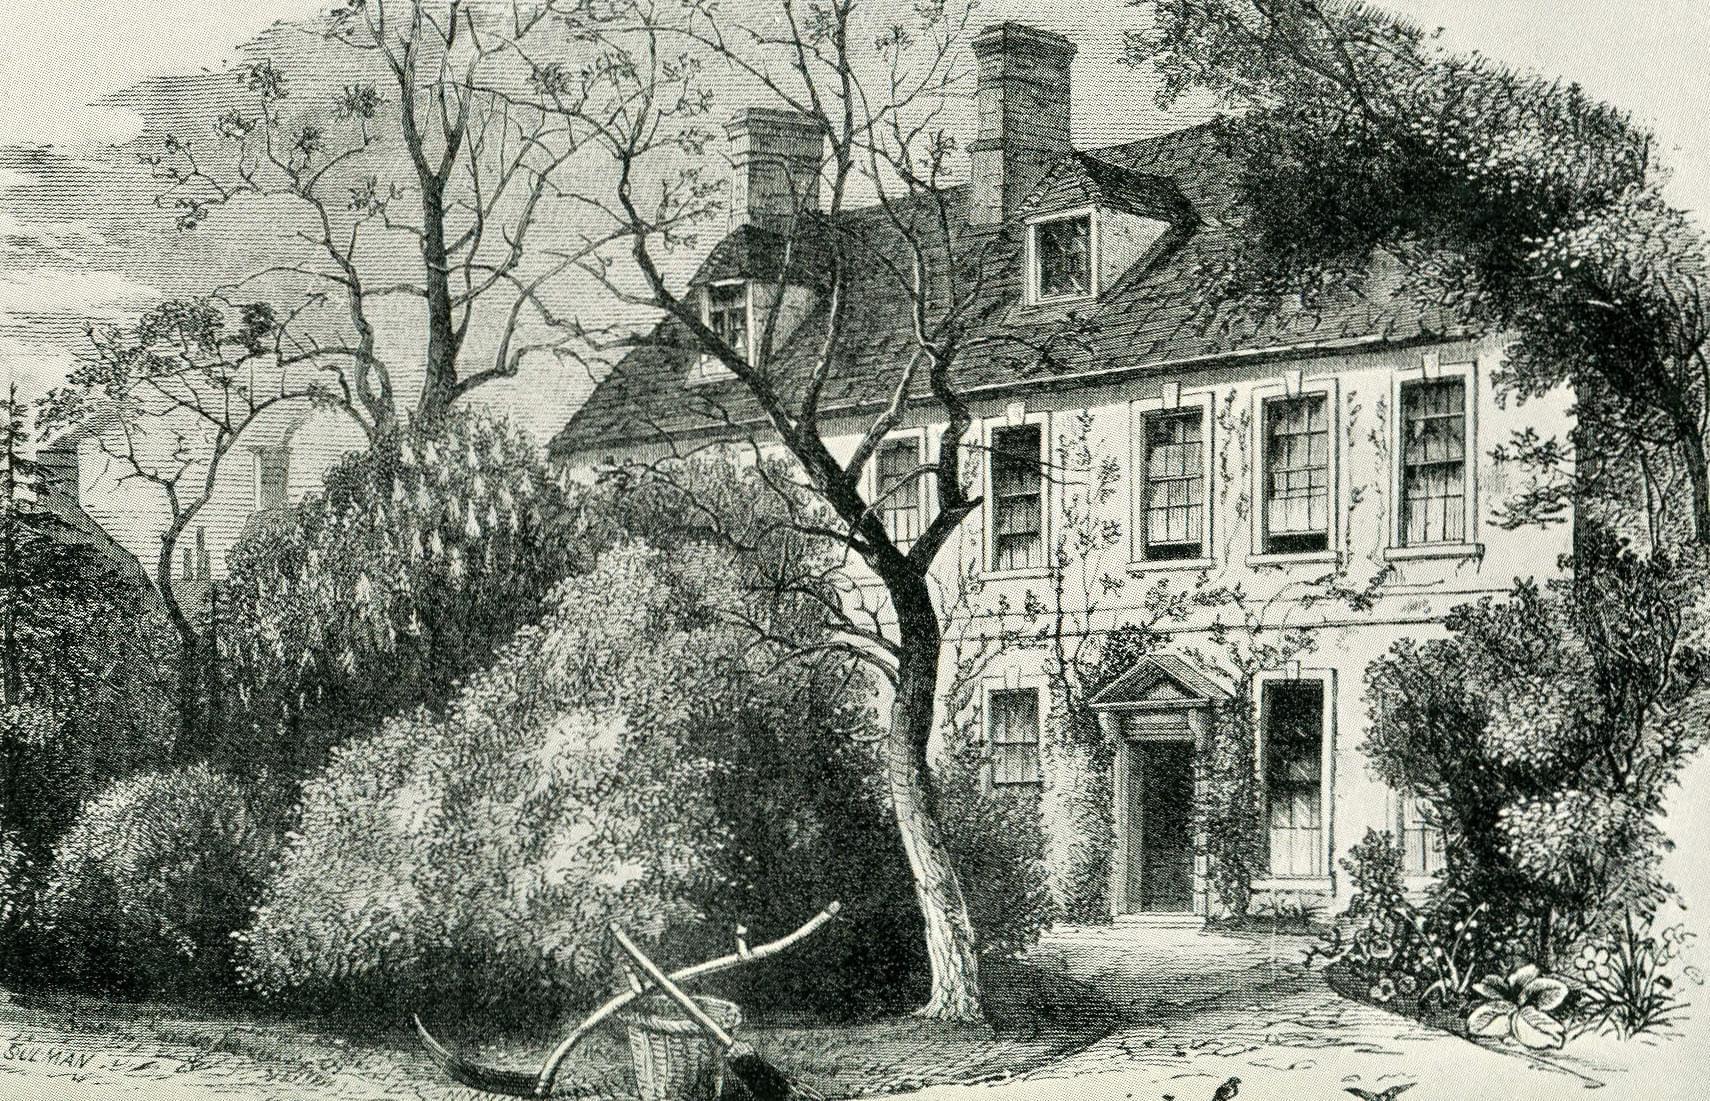 约翰·牛顿写下《奇异的恩典》的地方。/Wikipedia